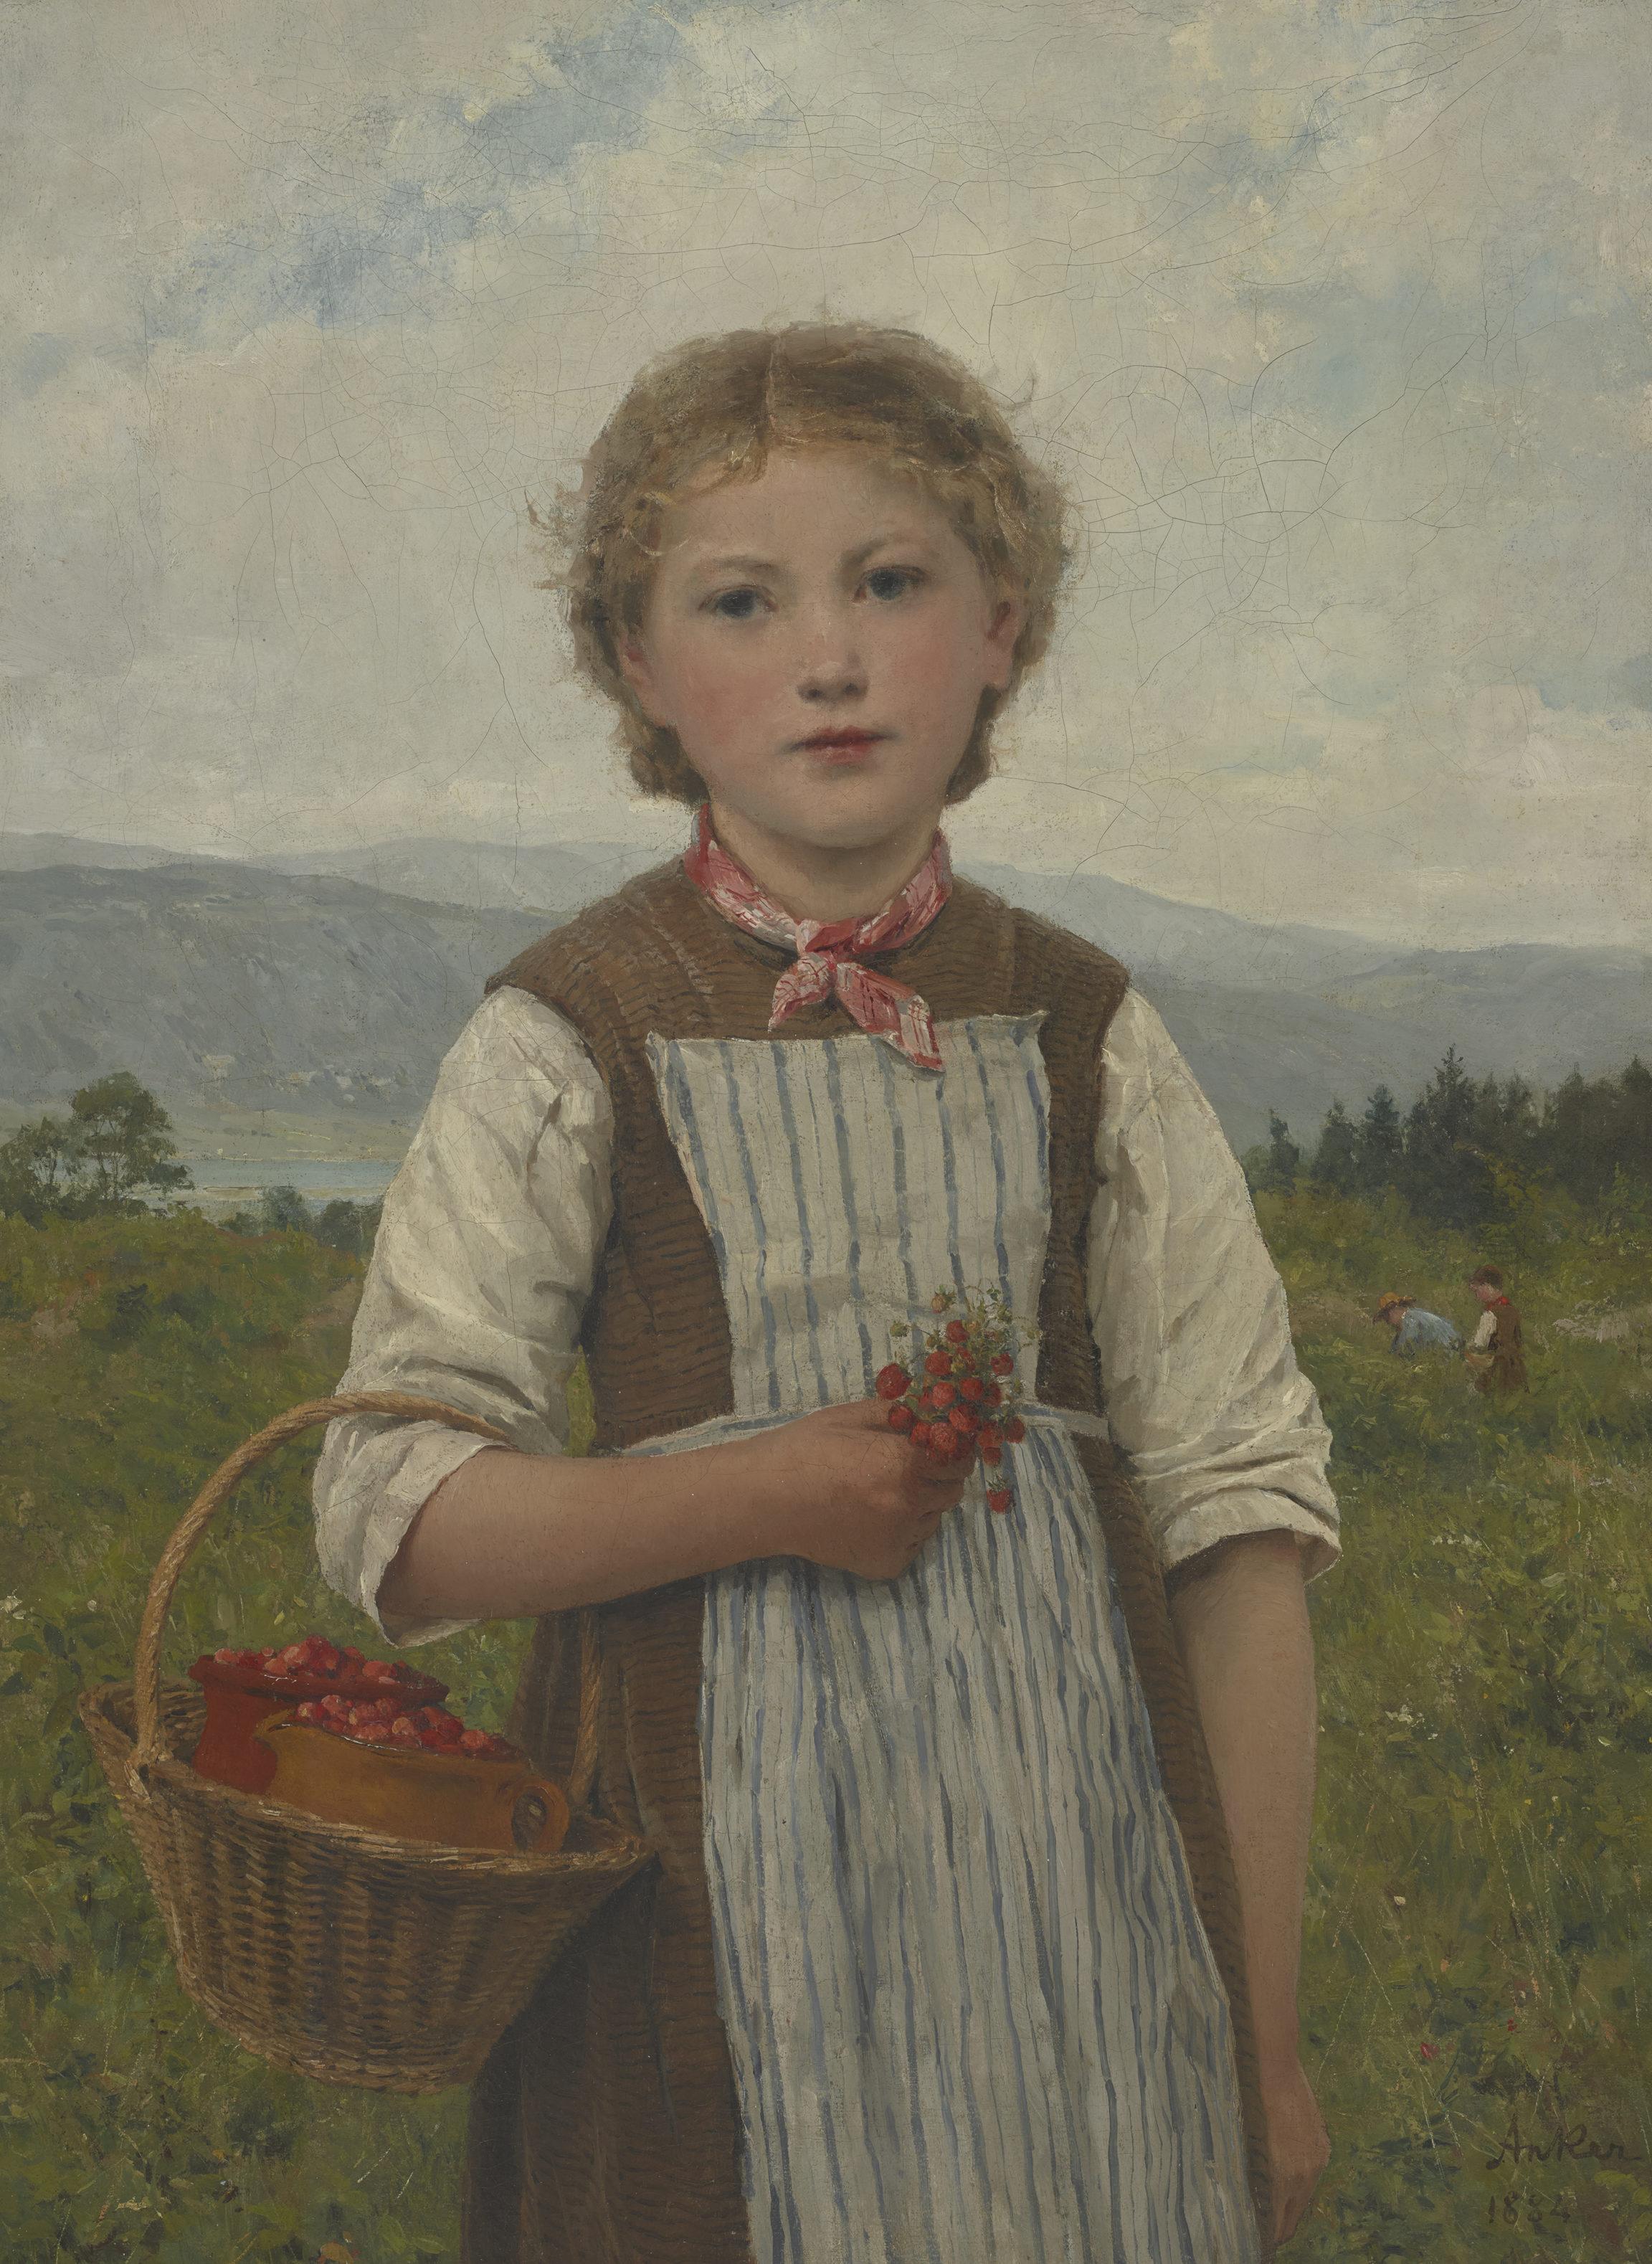 Albert Anker, La Mariette aux fraises (Mariette with Strawberries), 1884